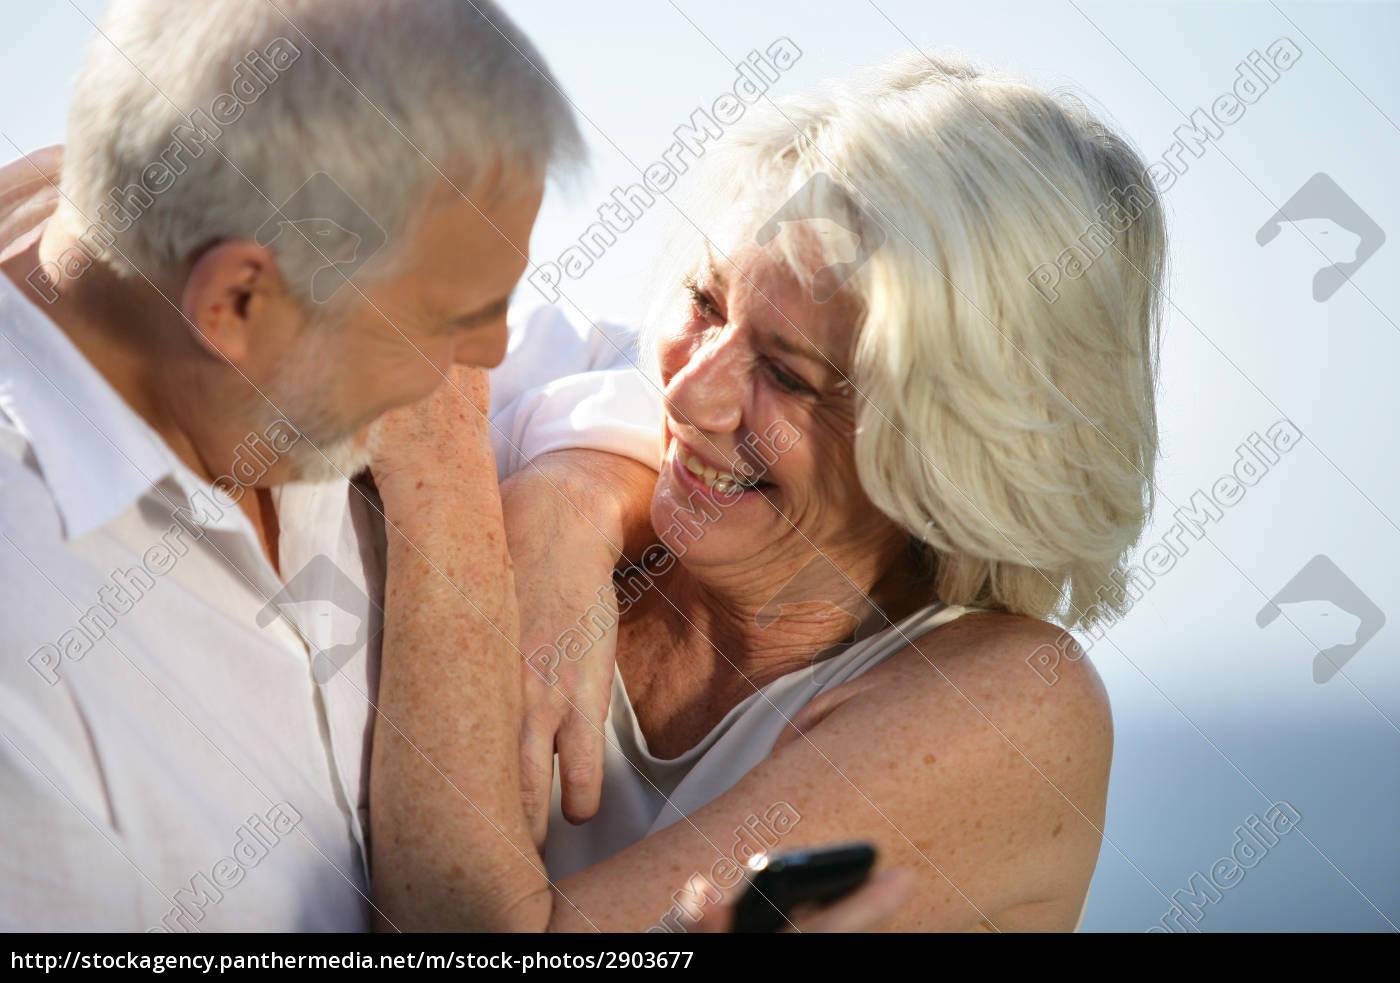 portrait, of, a, couple, of, seniors - 2903677